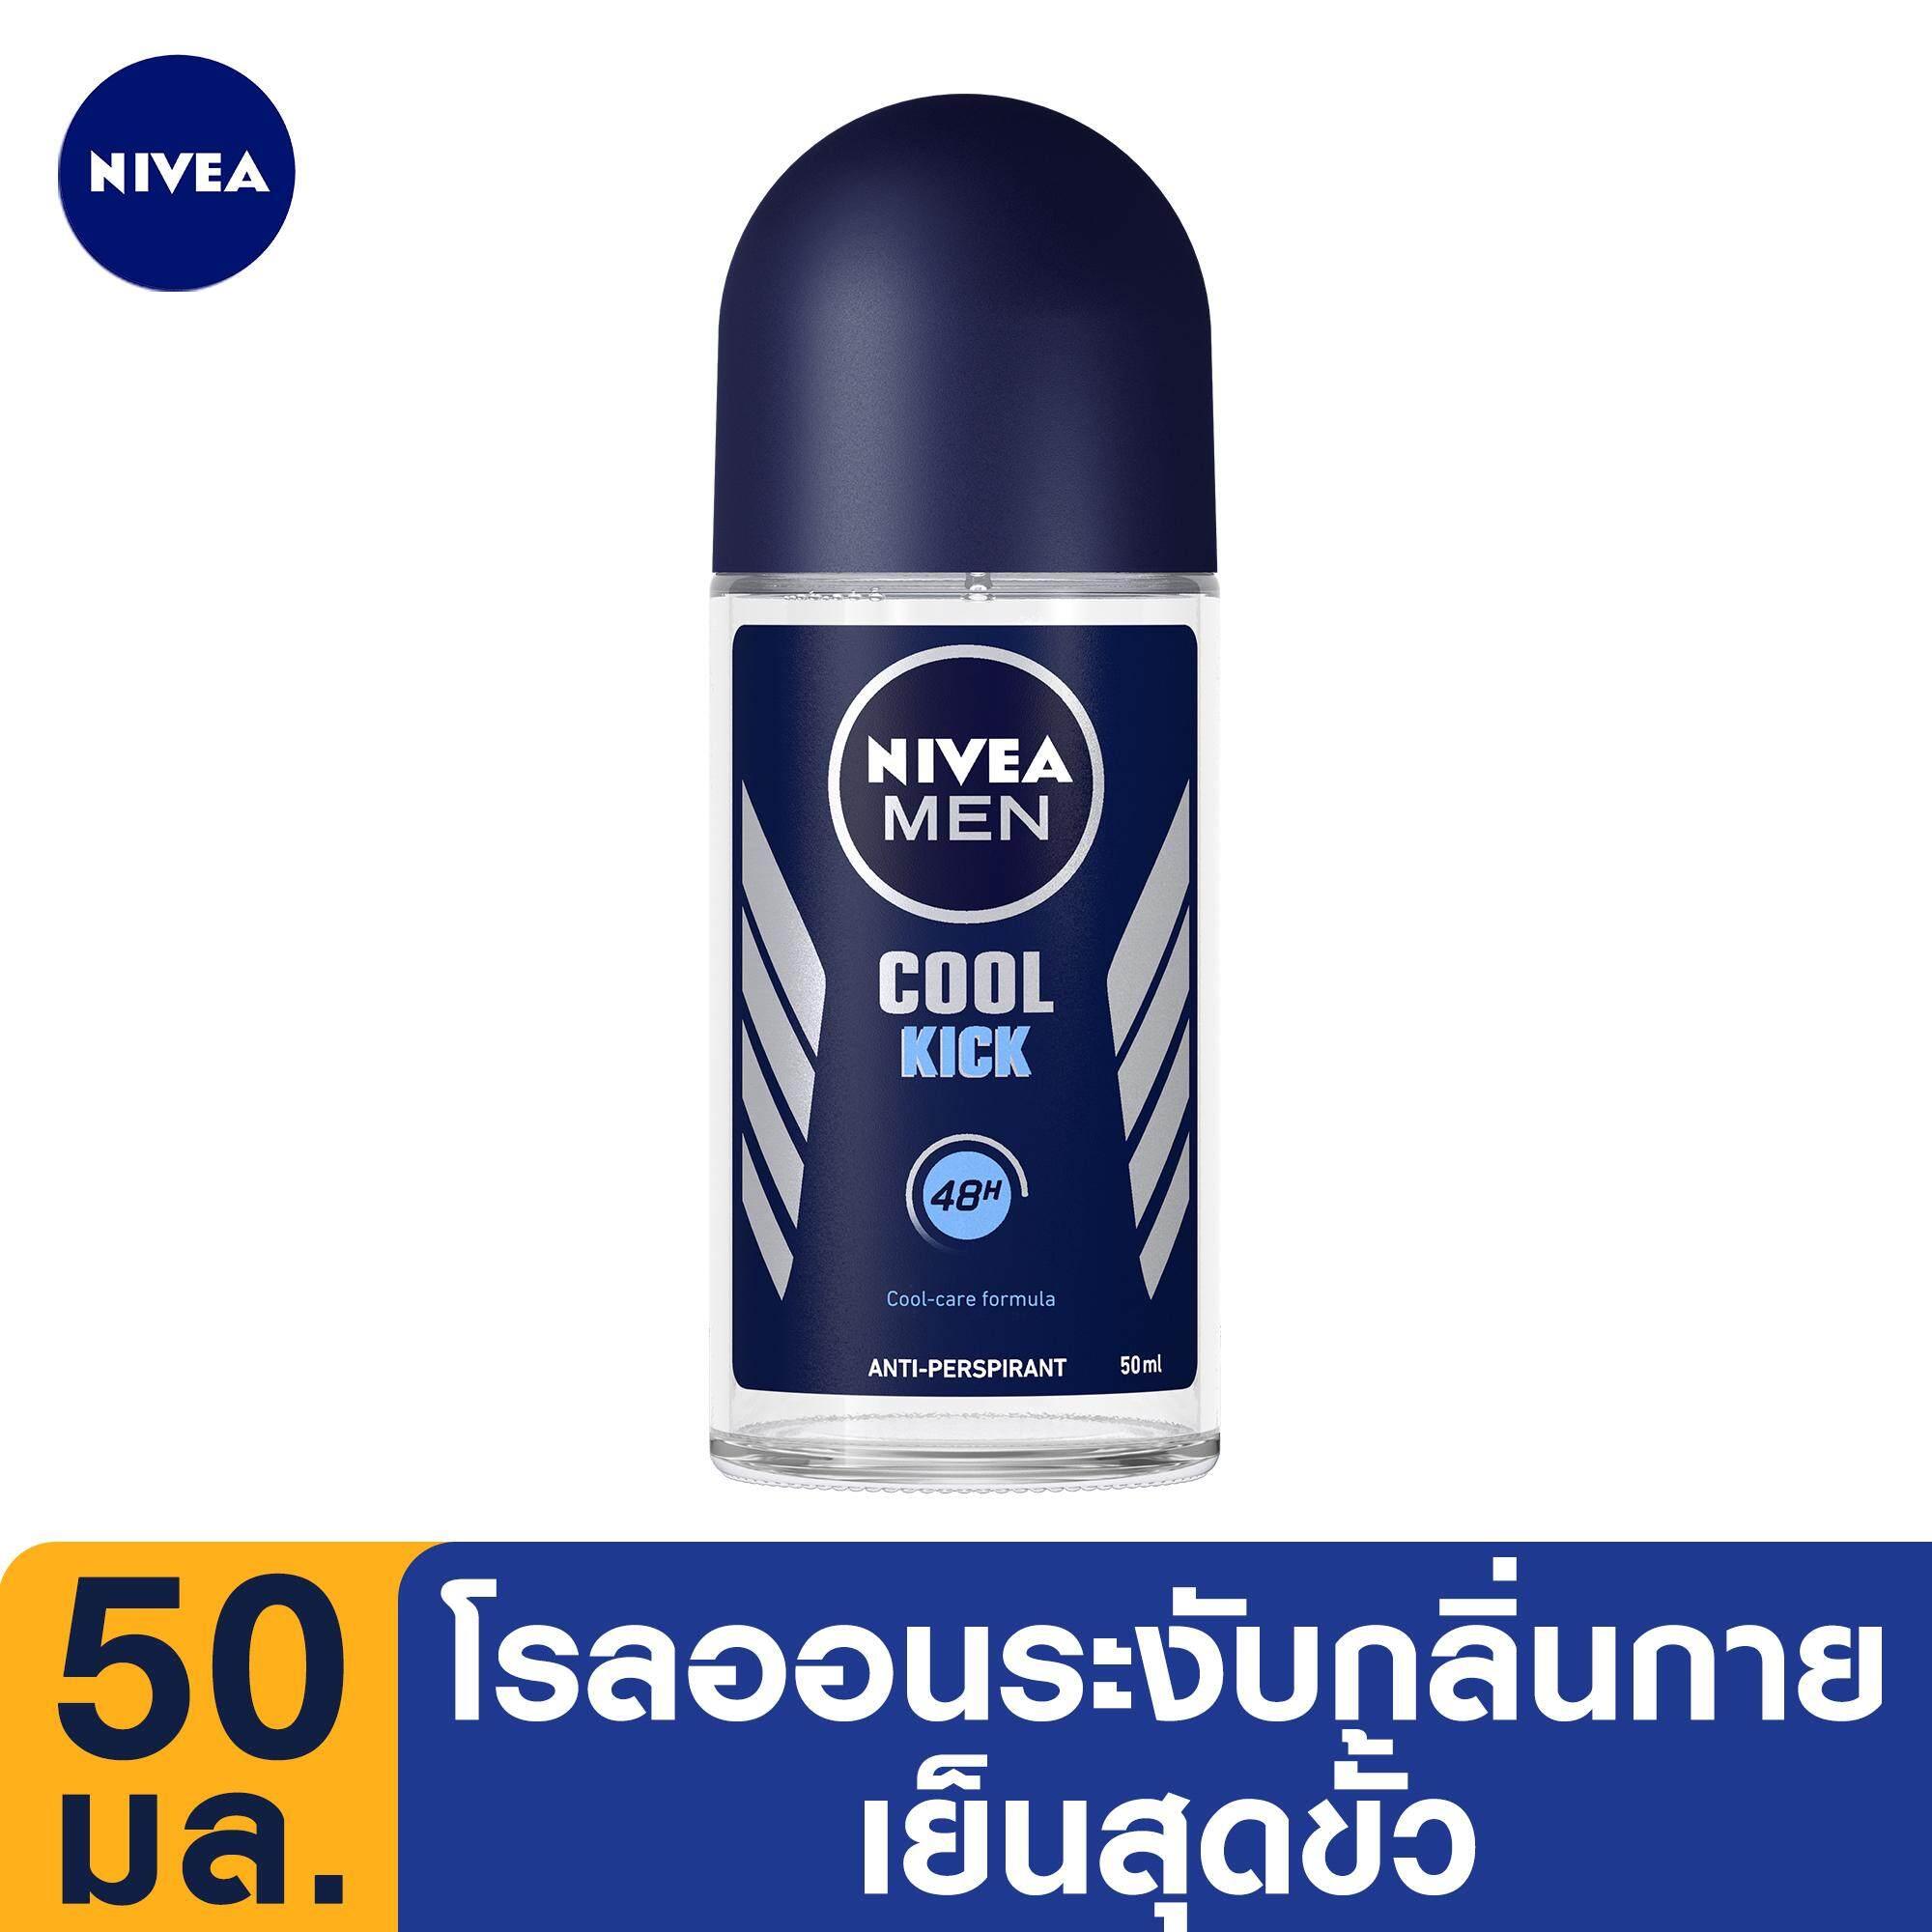 นีเวีย ดีโอ เมน คูล คิก โรลออน ระงับกลิ่นกาย สำหรับผู้ชาย 50 มล. NIVEA Deo Men Cool Kick Roll On 50 ml. (ลดกลิ่นตัว, ลดเหงื่อ, กำจัดกลิ่นตัว, ไม่ทิ้งคราบ, ปกป้องยาวนาน, ลดคราบเหลือง, เหงื่อออกรักแร้, กลิ่นตัวแรง, รักแร้เปียก)